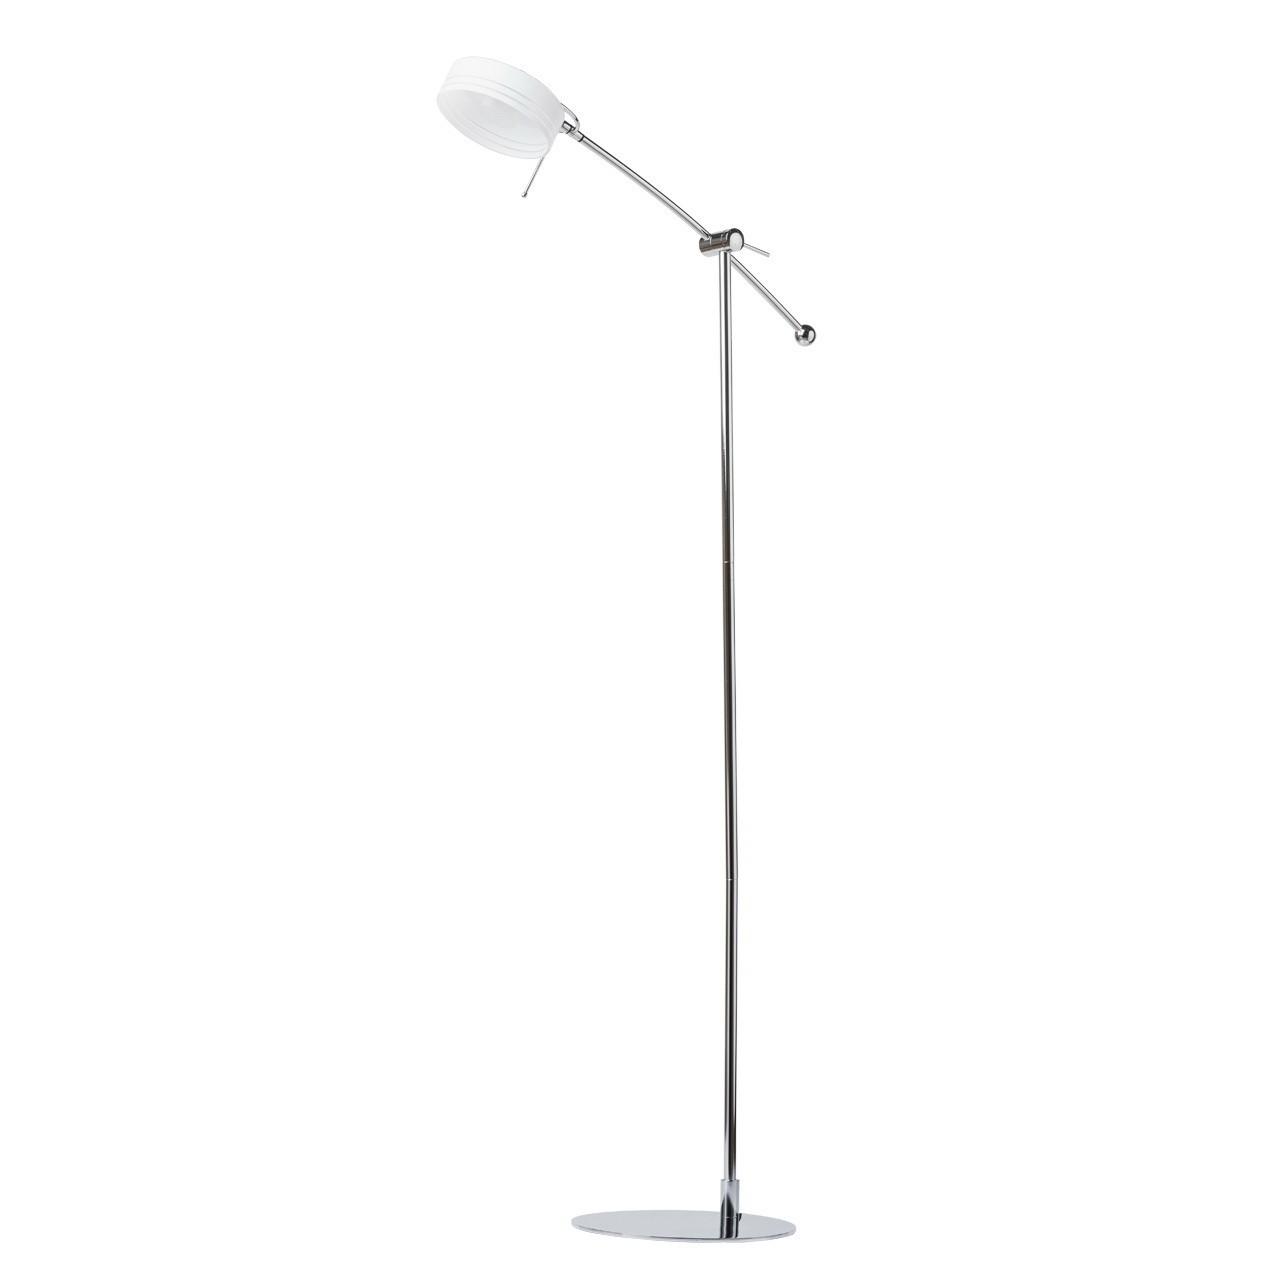 LED-Stehleuchte Techno 631040501